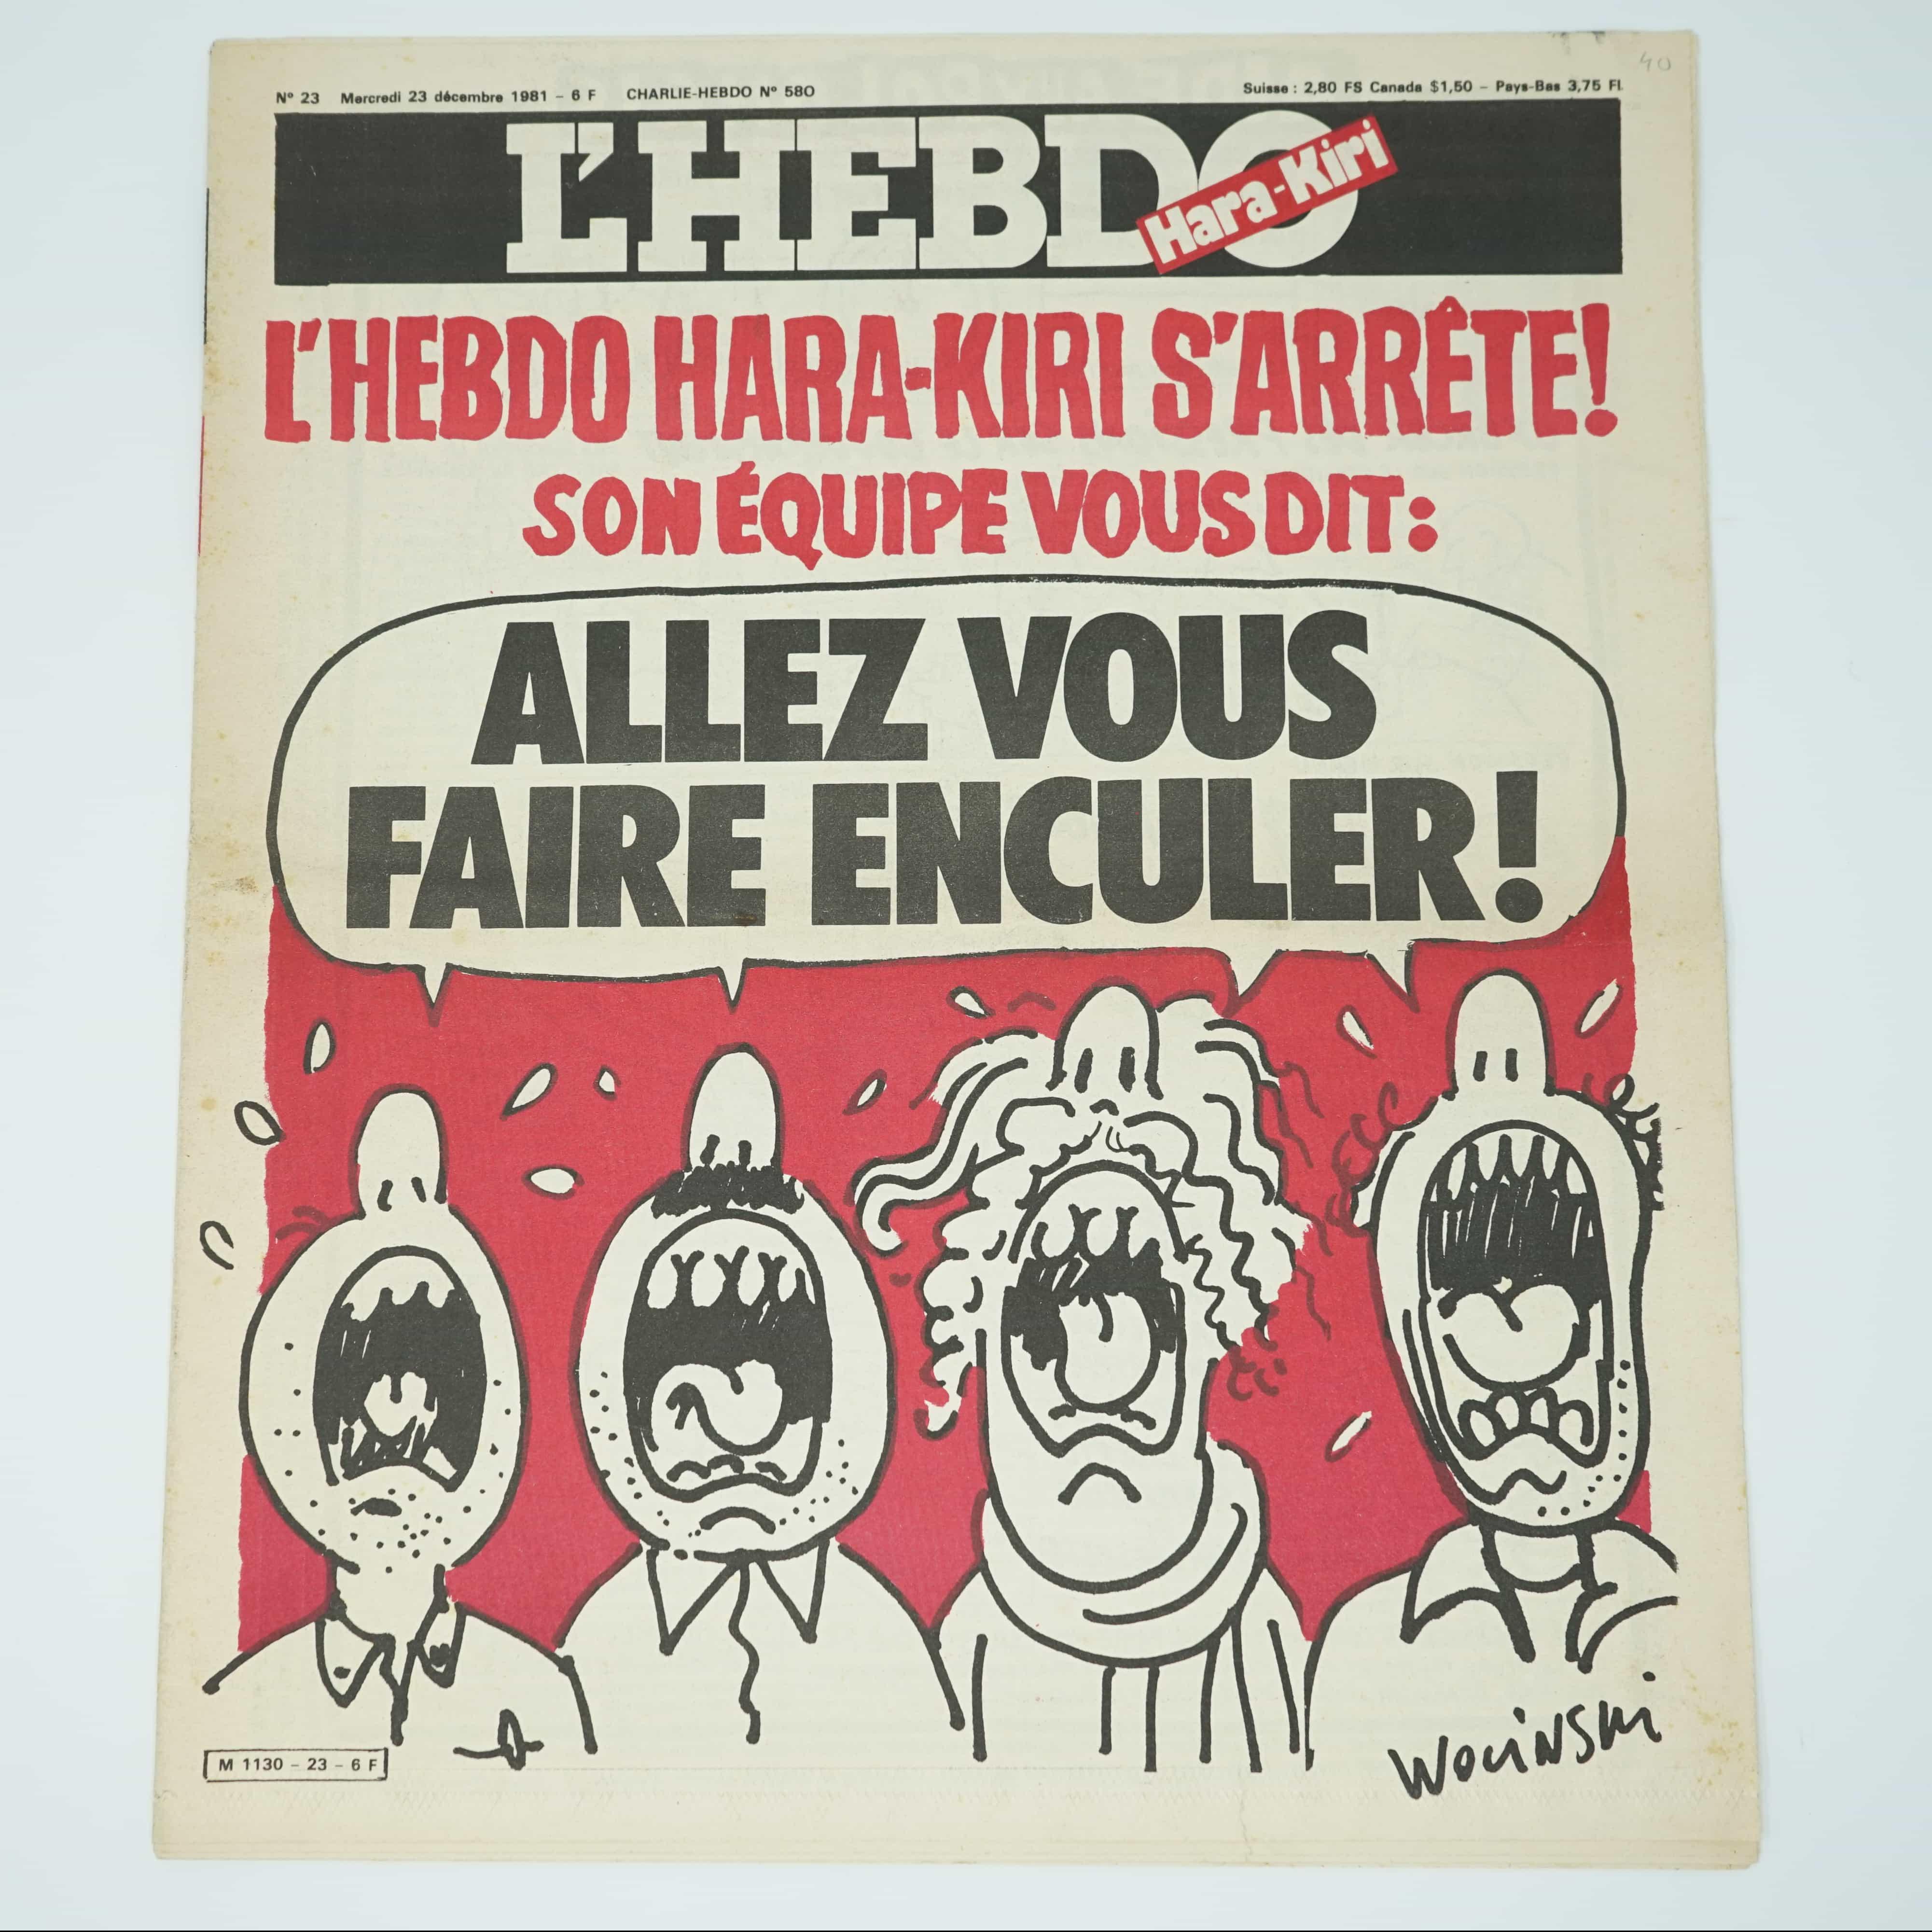 L'Hebdo Hara-Kiri Année 1981